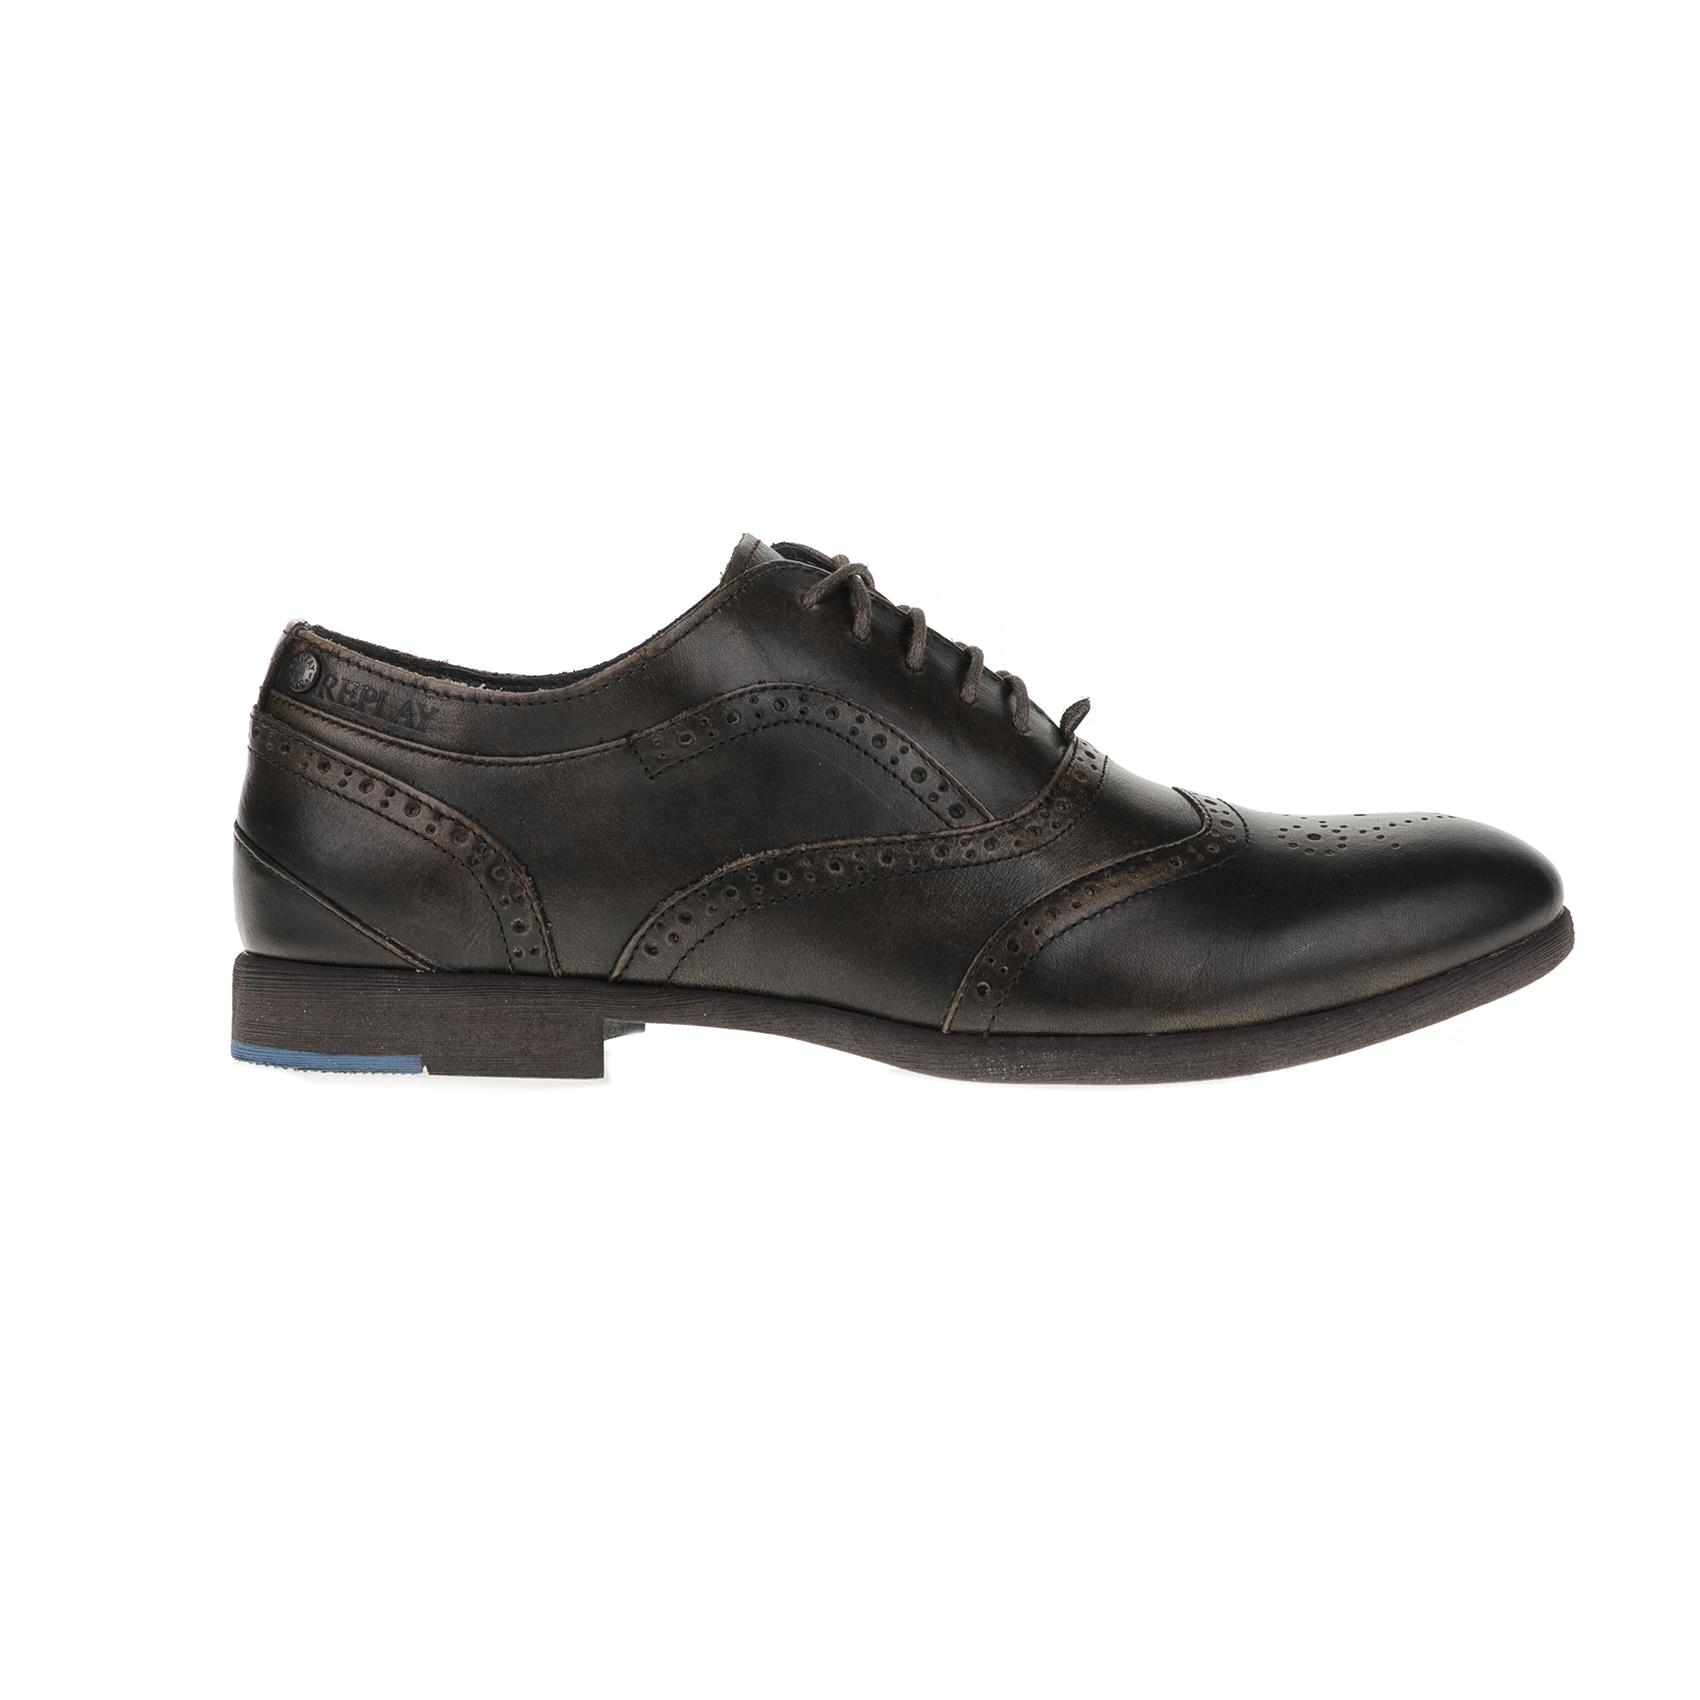 REPLAY – Ανδρικά παπούτσια REPLAY μαύρα